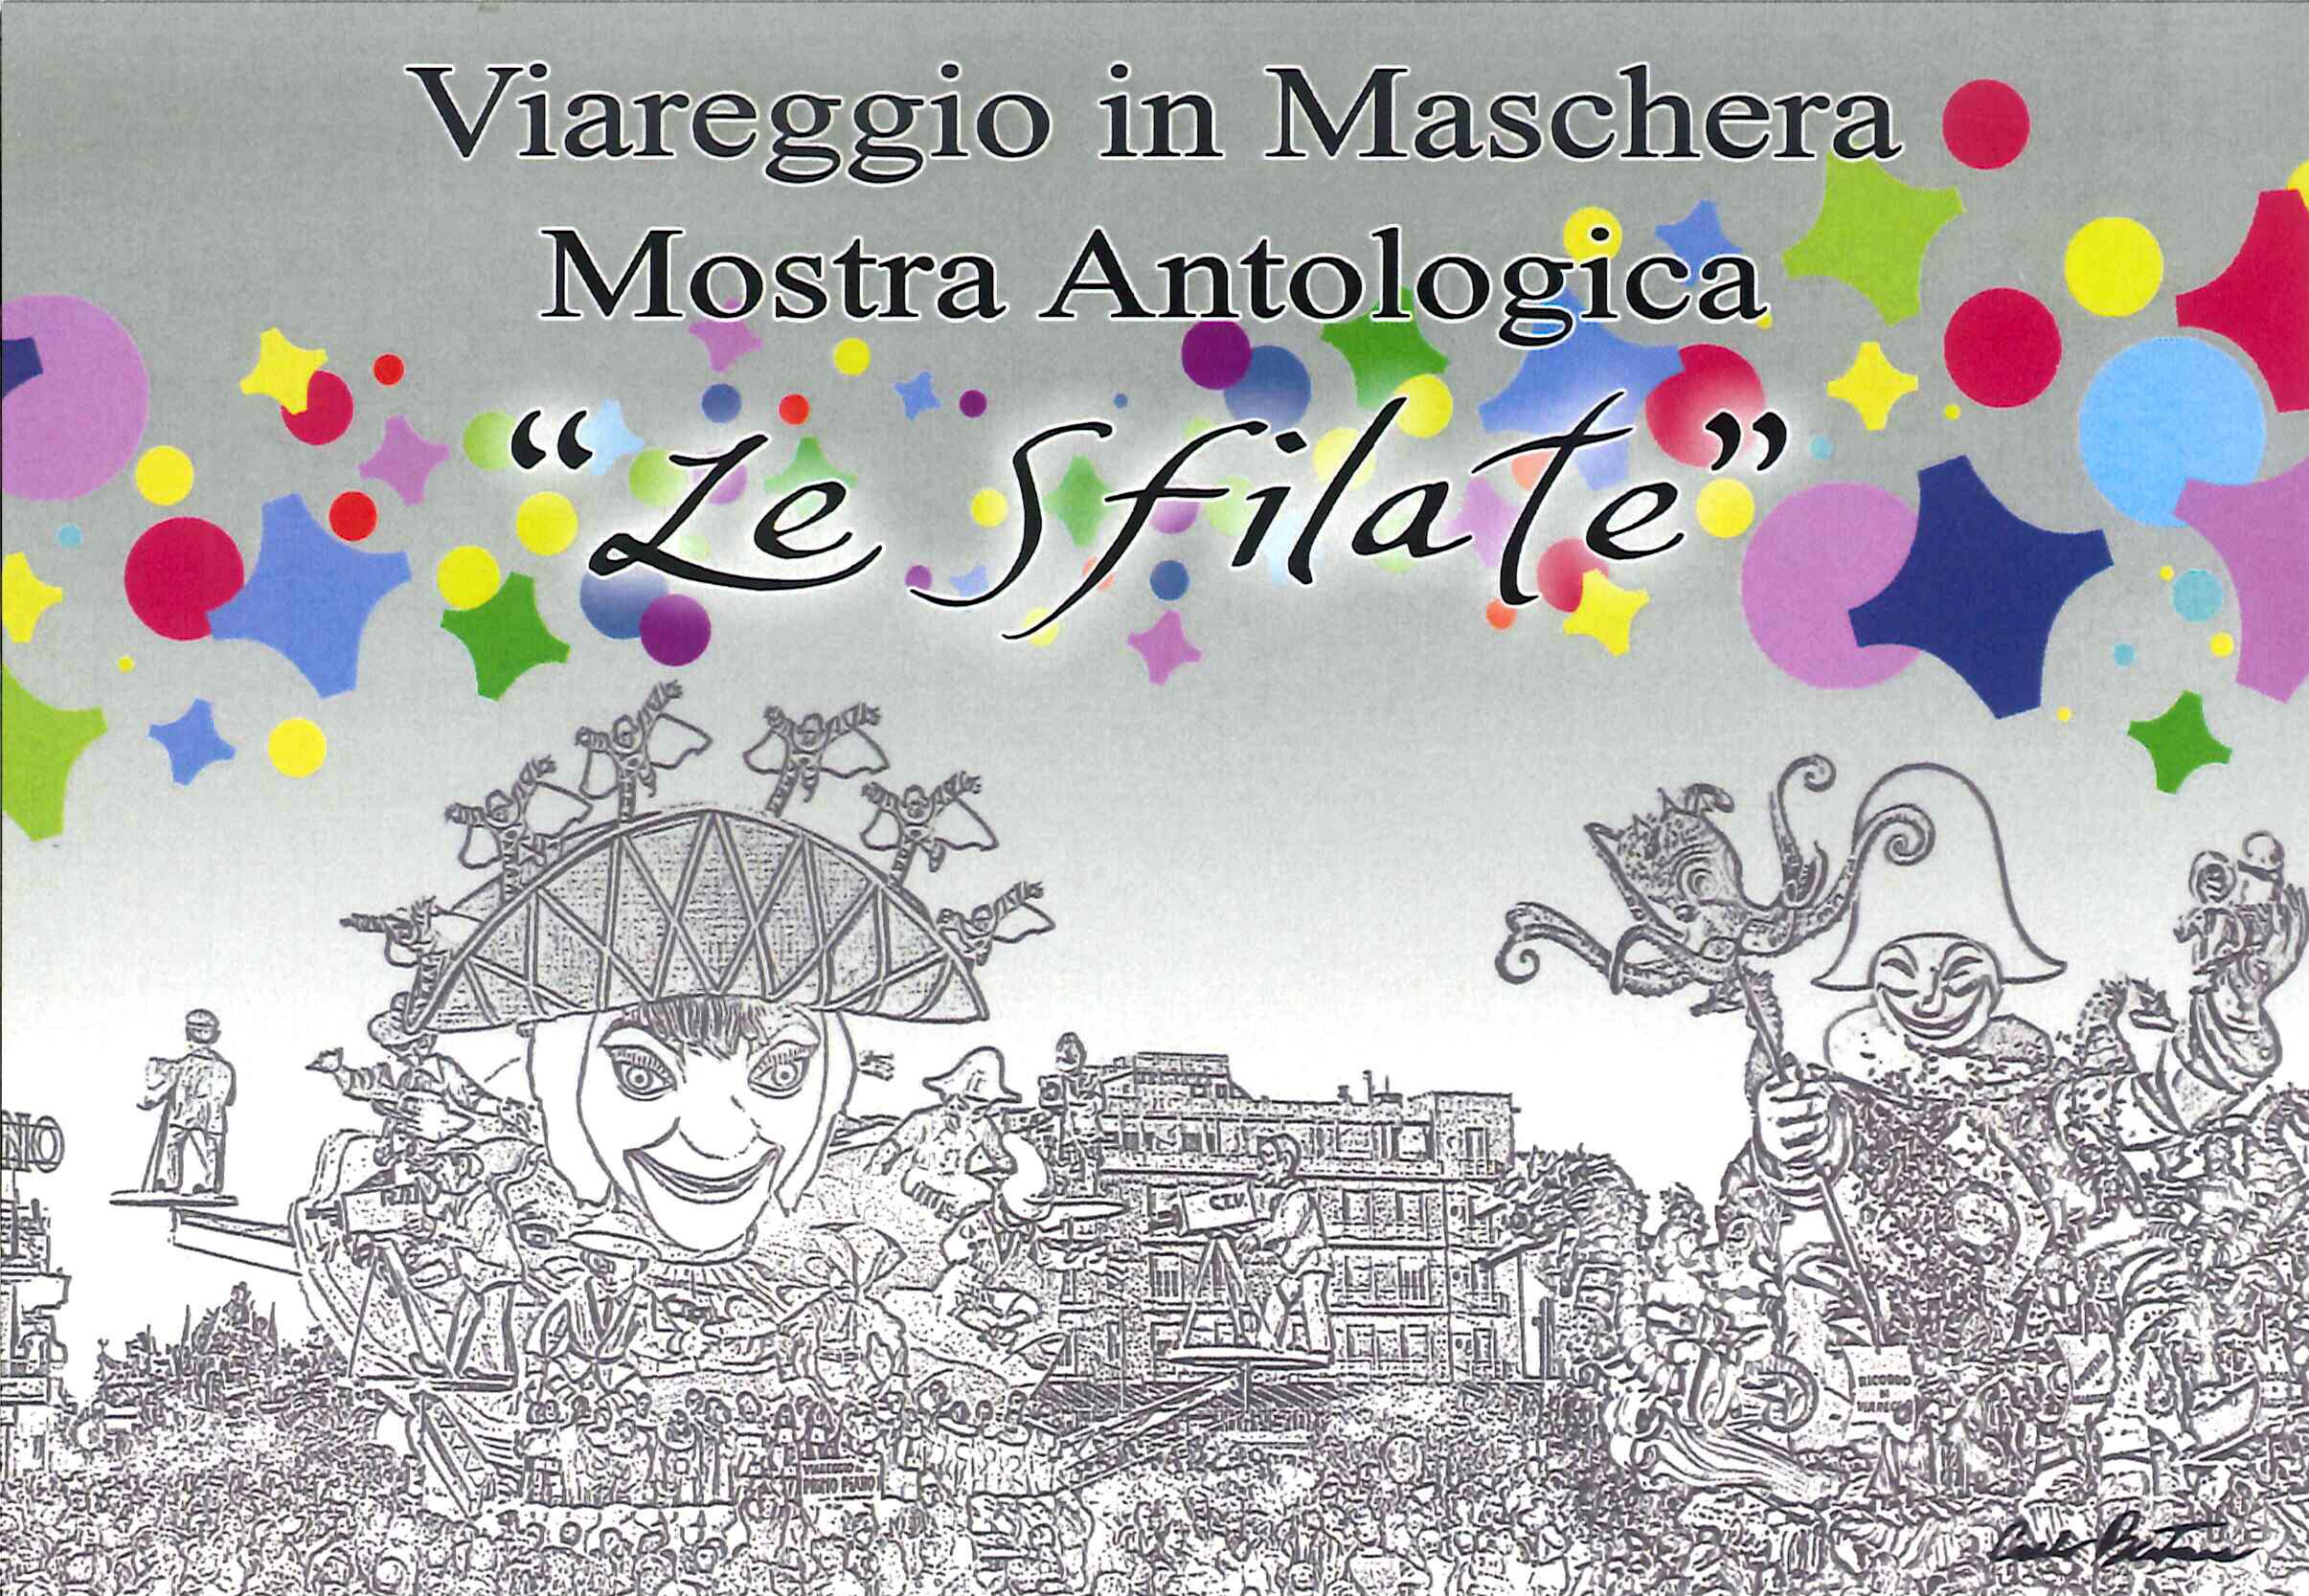 MOSTRA Antologica 2013 invito fronte